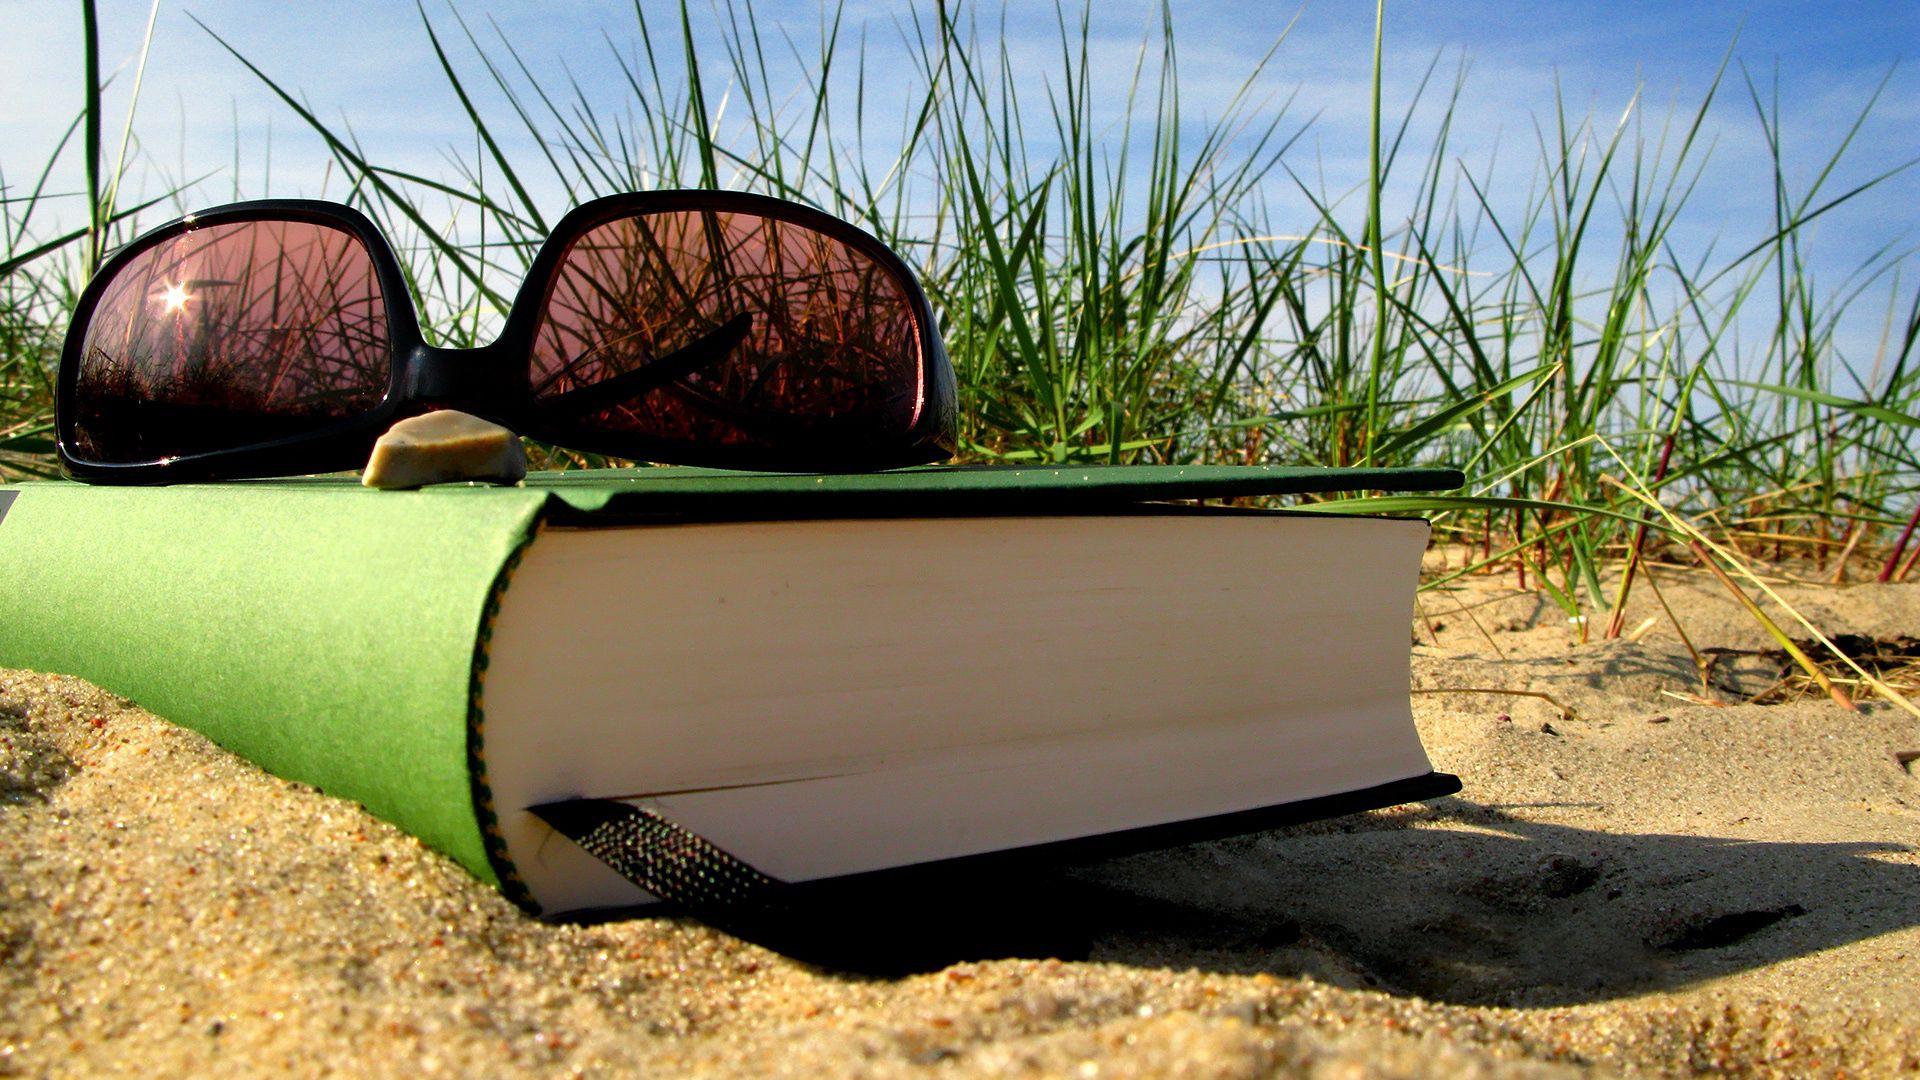 112965 скачать обои Разное, Лето, Отдых, Книга, Очки, Закладка, Песок, Трава - заставки и картинки бесплатно